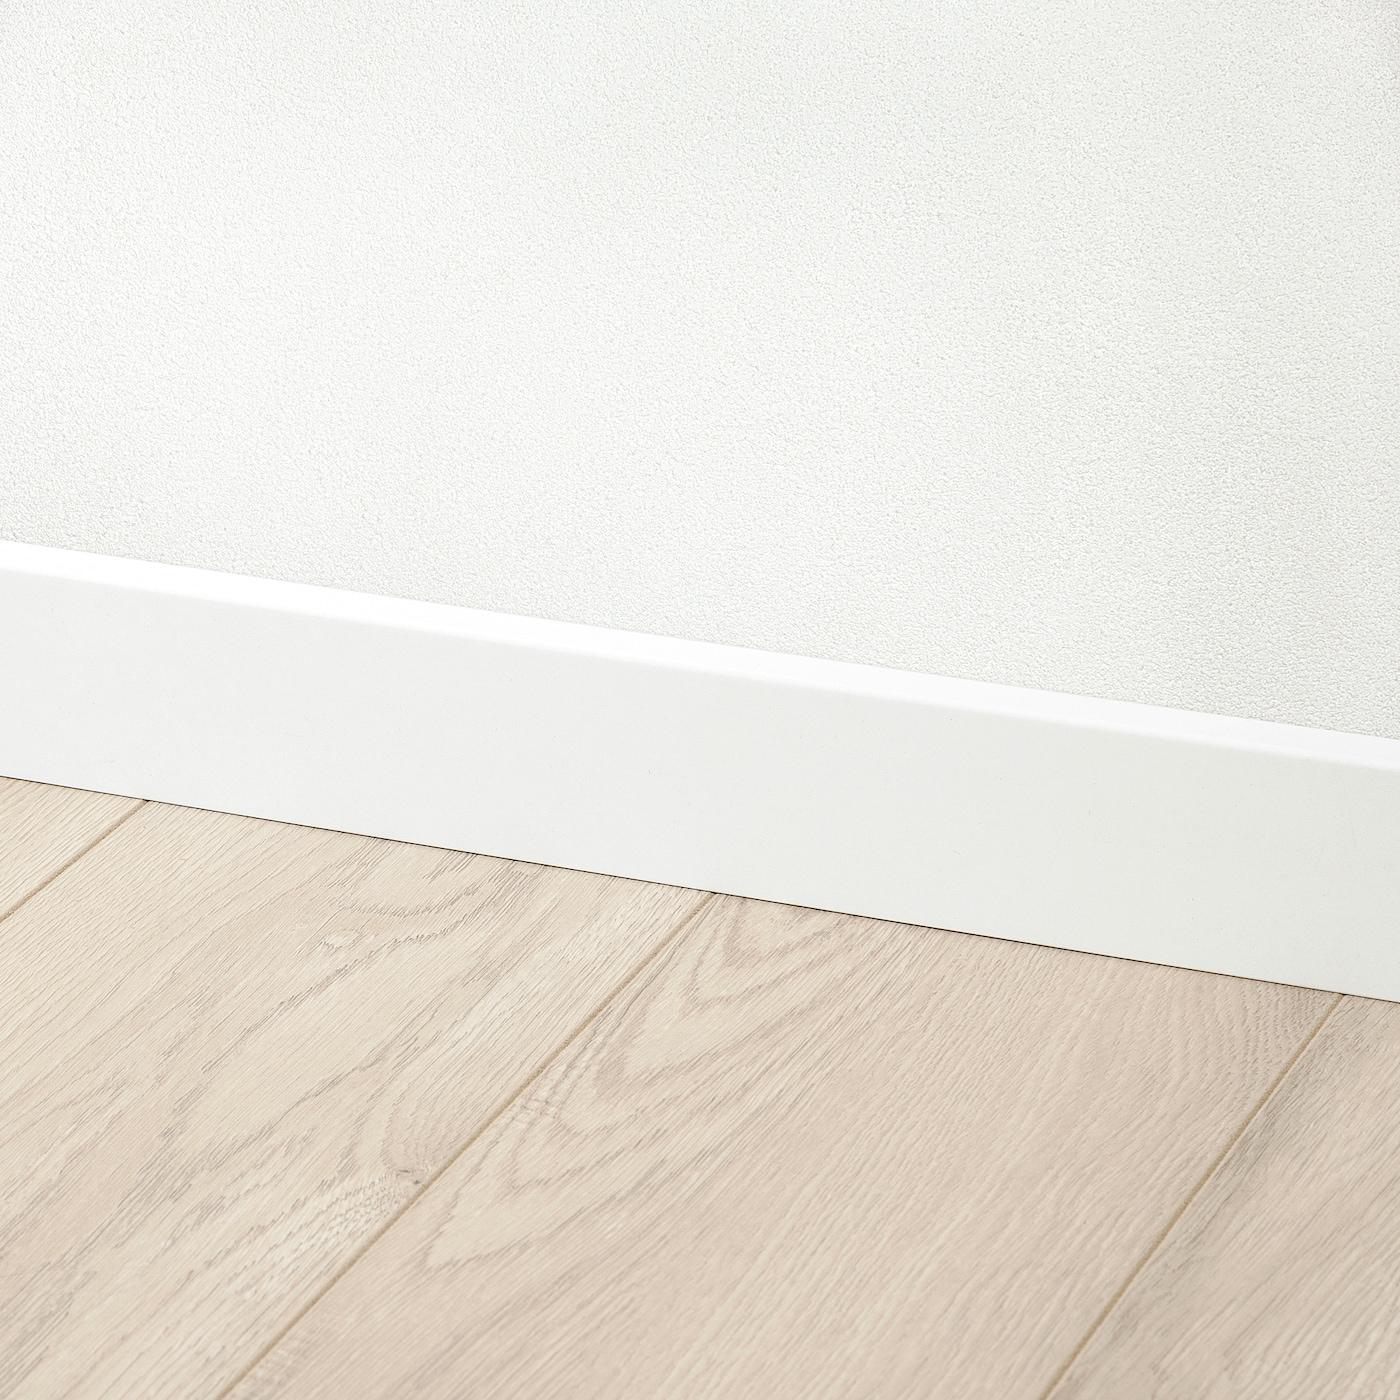 LAVHED Sockelleiste   weiß 20x20 cm